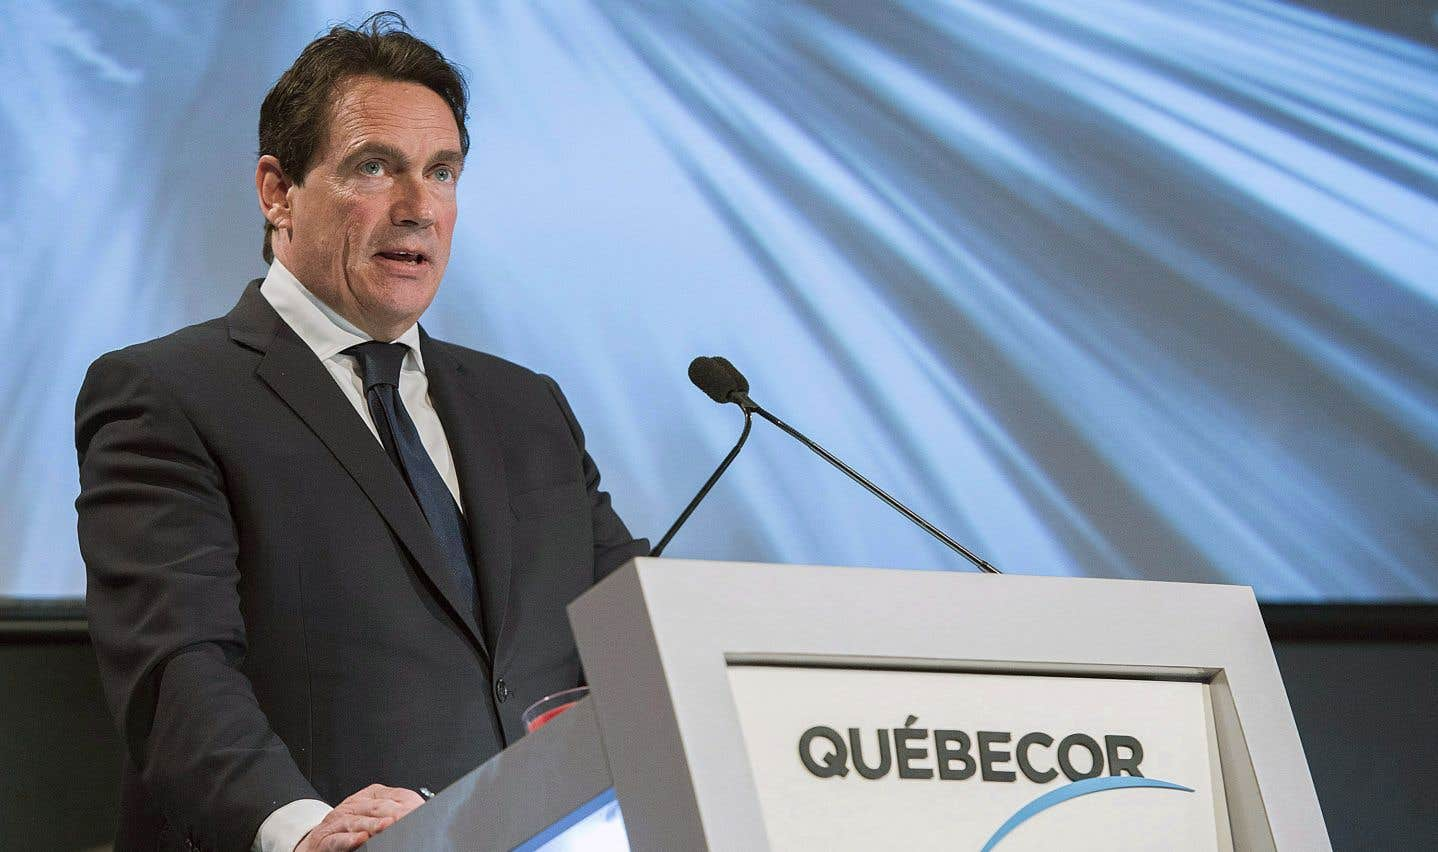 Interrogé sur ses ambitions politiques mardi matin en entrevue radiophonique, Pierre Karl Péladeau s'est dit «en réserve de la République».